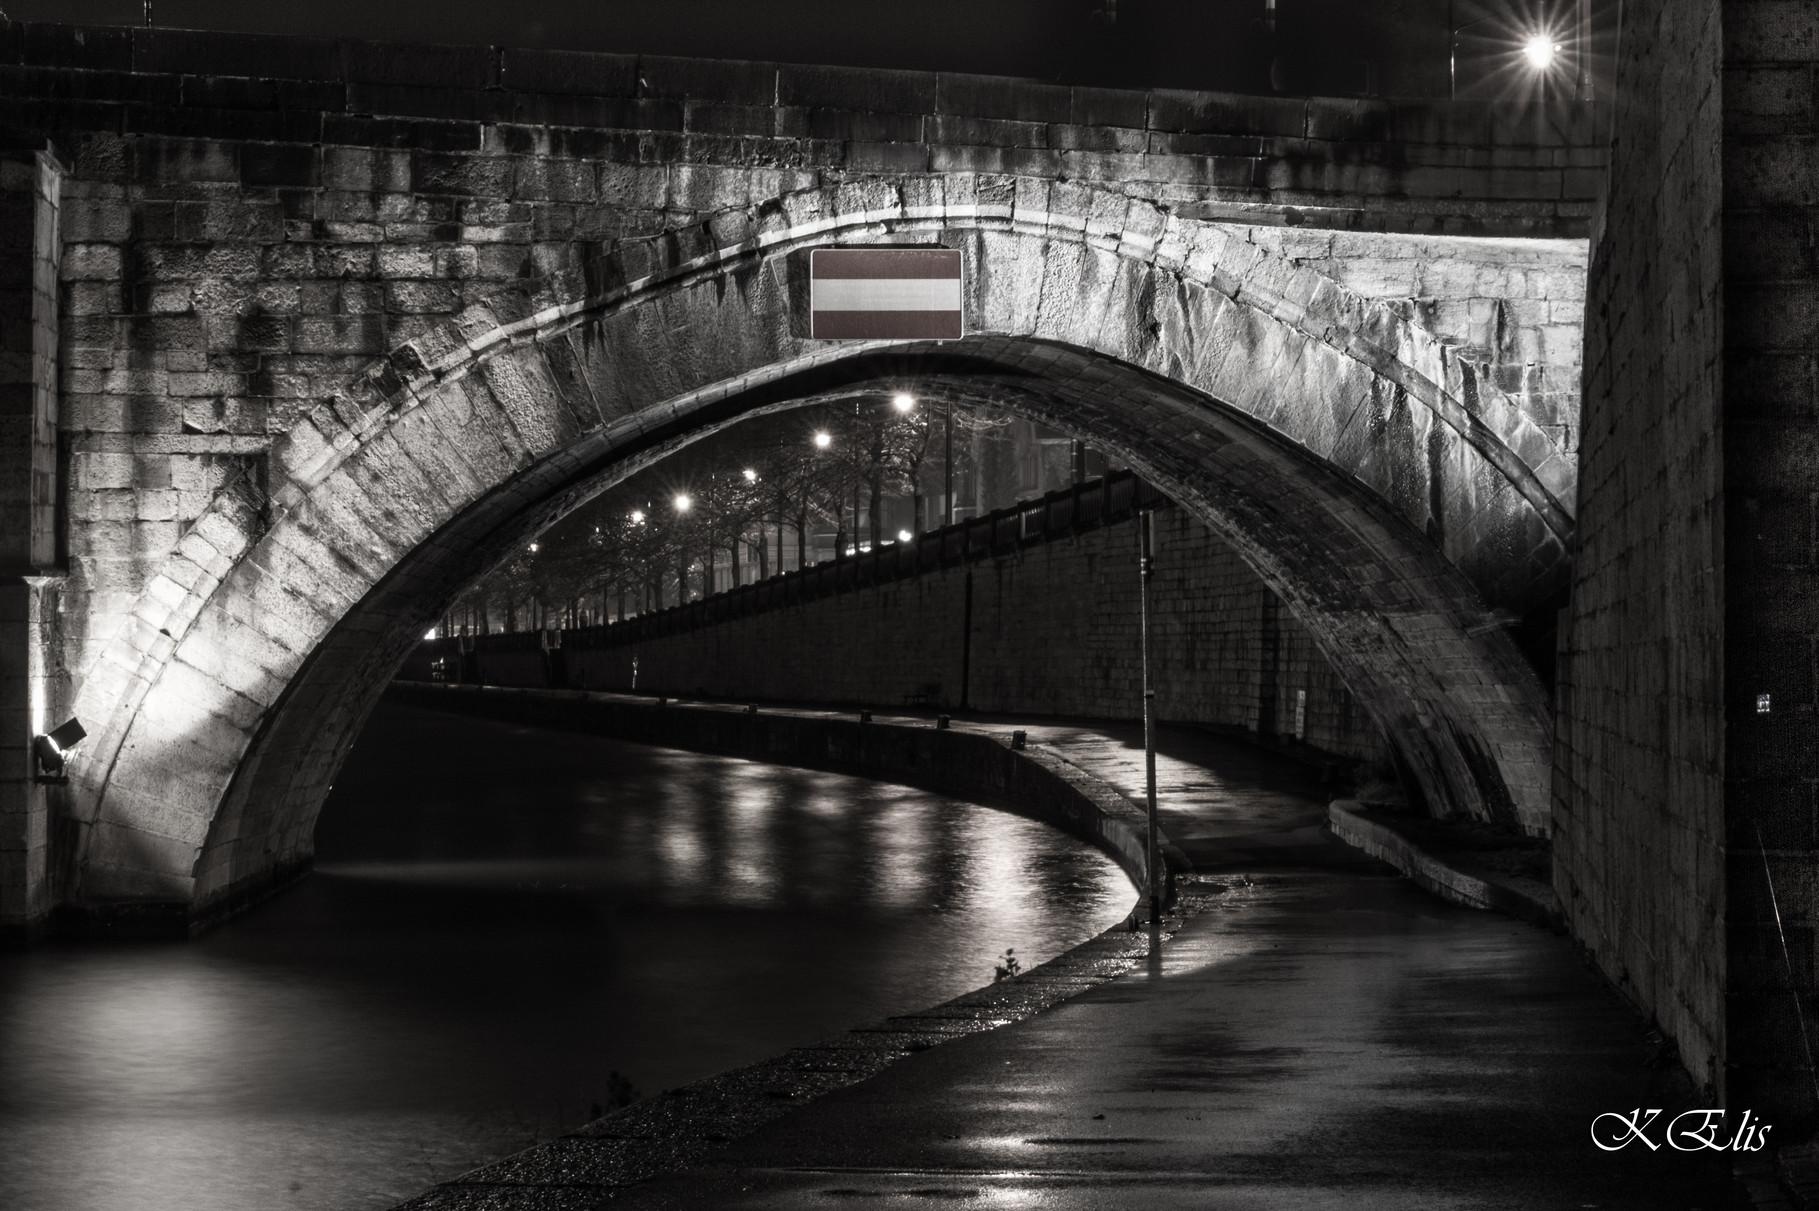 Namur by night